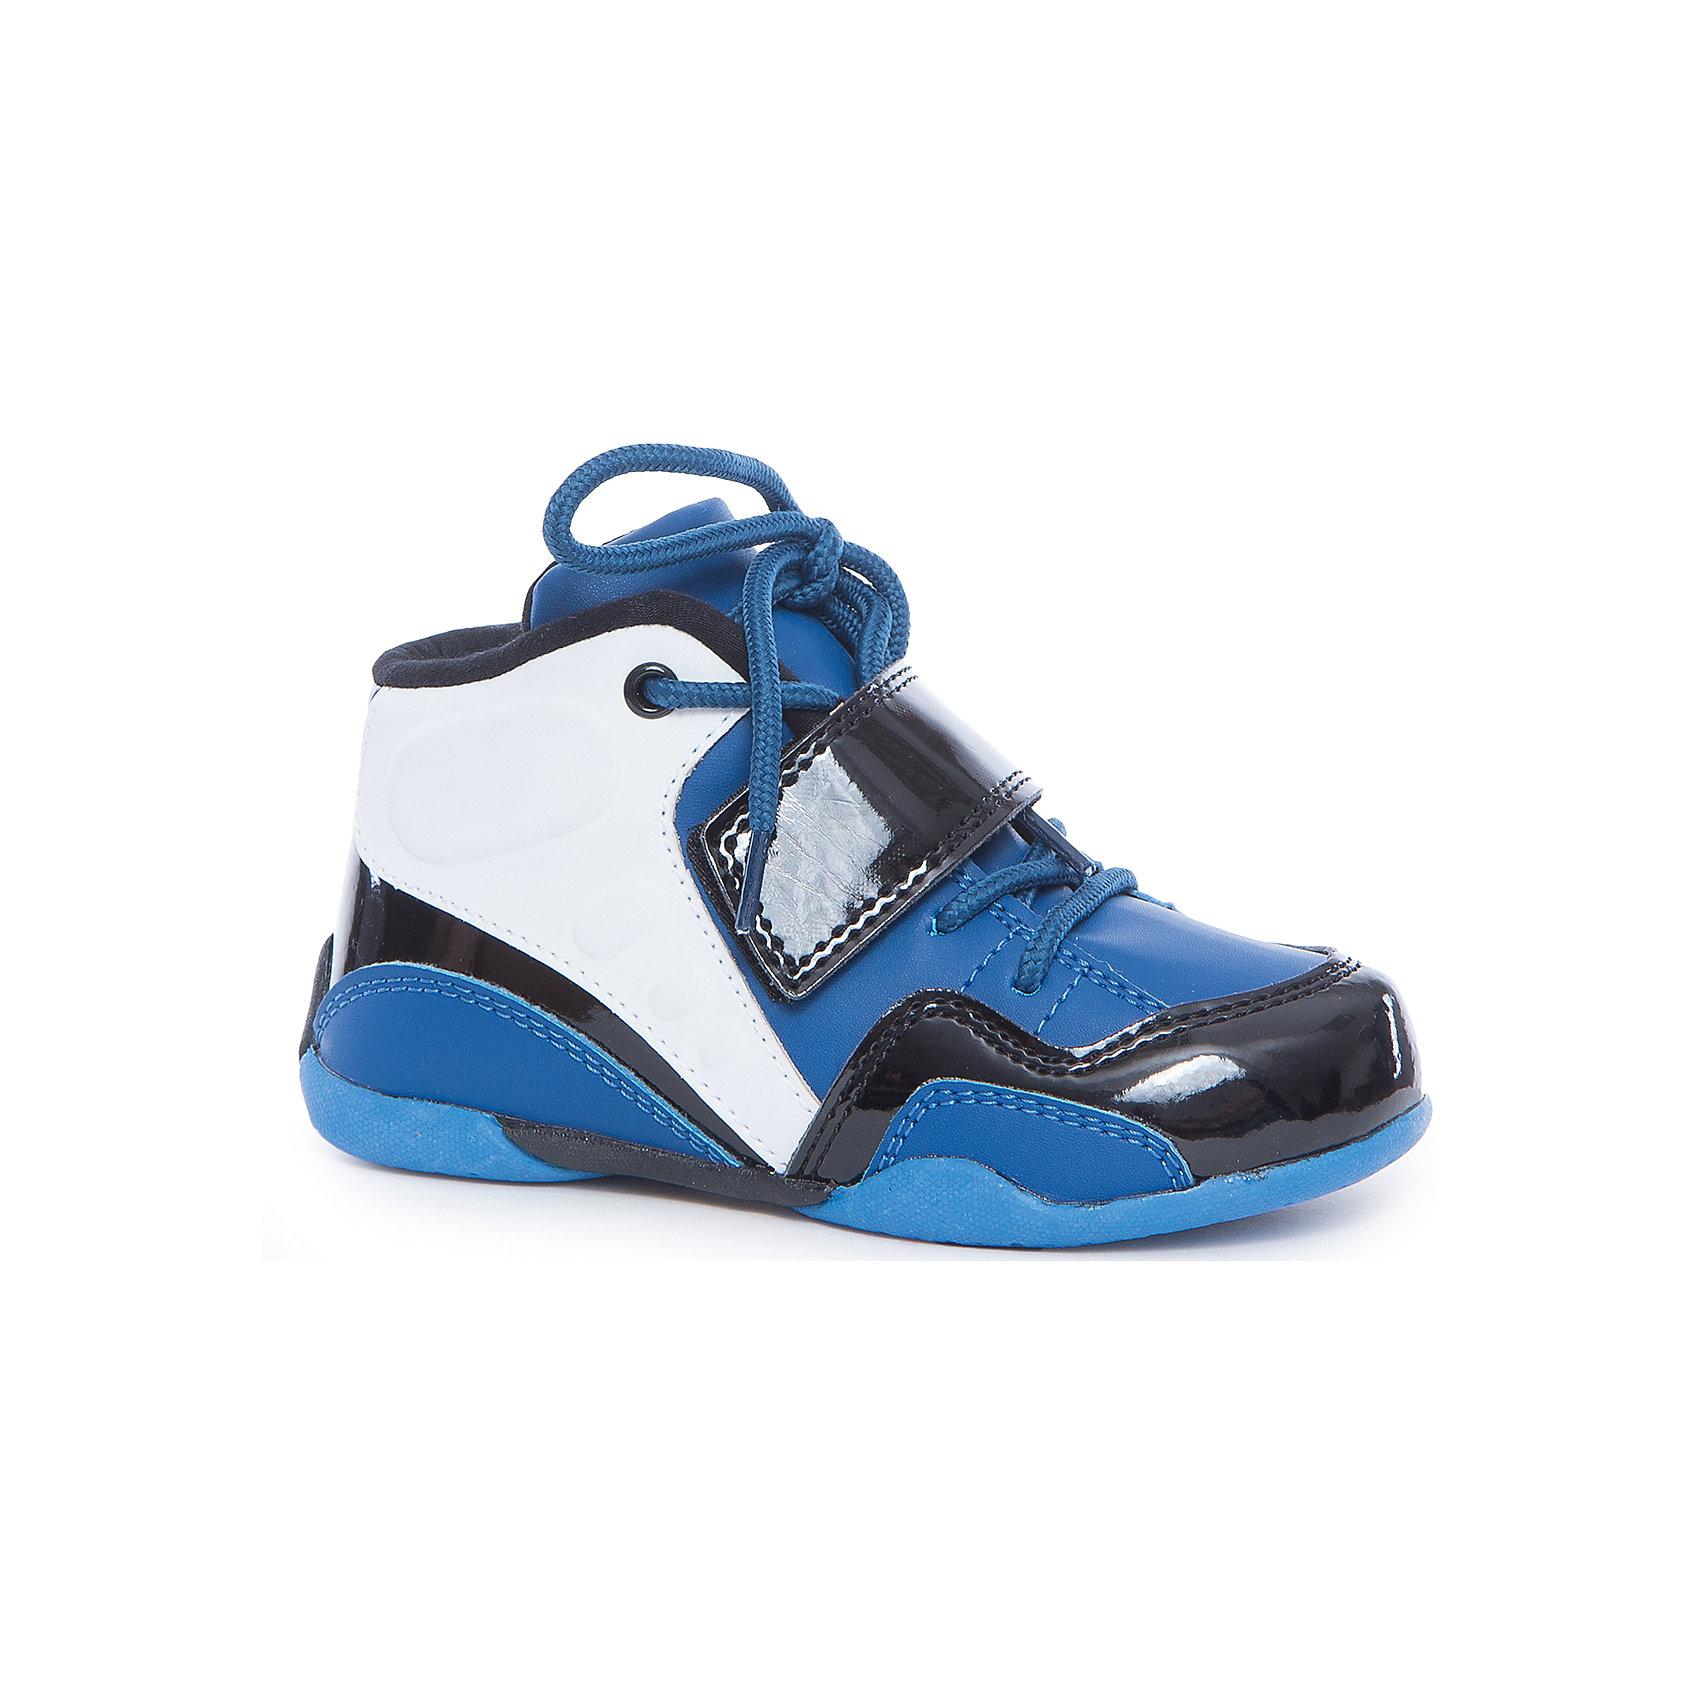 Ботинки для мальчика PlayTodayБотинки<br>Ботинки для мальчика PlayToday<br>Стильные ботинки с липучкой и на шнуровке прекрасно подойдут для ежедневных прогулок. Подошва из гибкого, не скользящего материала. Рифление обеспечивает хорошее сцепление с поверхностью. Удобная пятка укреплена жестким задником. Модель плотно садится на ноге ребенка, что обеспечивает комфорт при носке.  <br><br>Преимущества: <br><br>Подошва из гибкого, нескользящего материала<br>Рифление подошвы обеспечивает хорошее сцепление с поверхностью<br>Удобная пятка укреплена жестким задником<br><br>Состав:<br>100% полиуретан<br><br>Ширина мм: 262<br>Глубина мм: 176<br>Высота мм: 97<br>Вес г: 427<br>Цвет: разноцветный<br>Возраст от месяцев: 84<br>Возраст до месяцев: 96<br>Пол: Мужской<br>Возраст: Детский<br>Размер: 31,32,28,27,29,30<br>SKU: 5403484